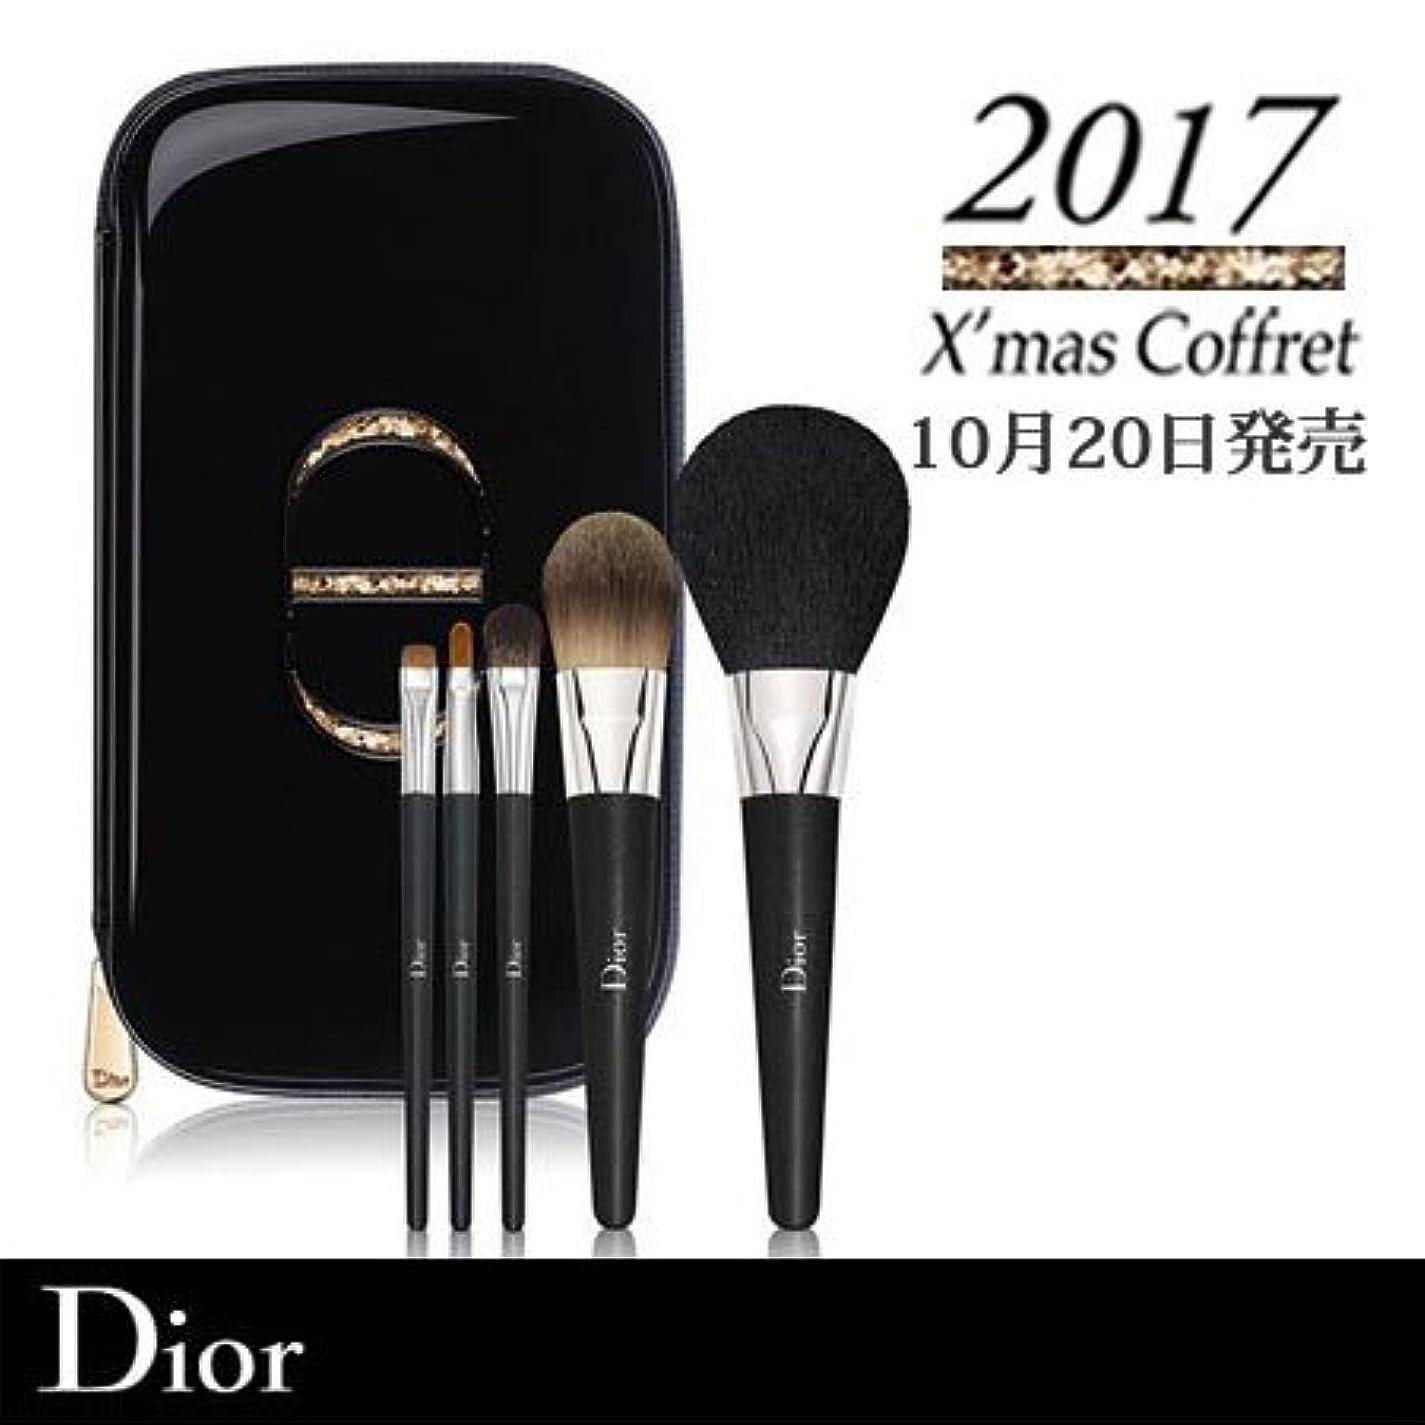 ホース唯物論膜クリスチャン ディオール カラー クチュール ブラシ セット 2017 クリスマス コフレ Dior